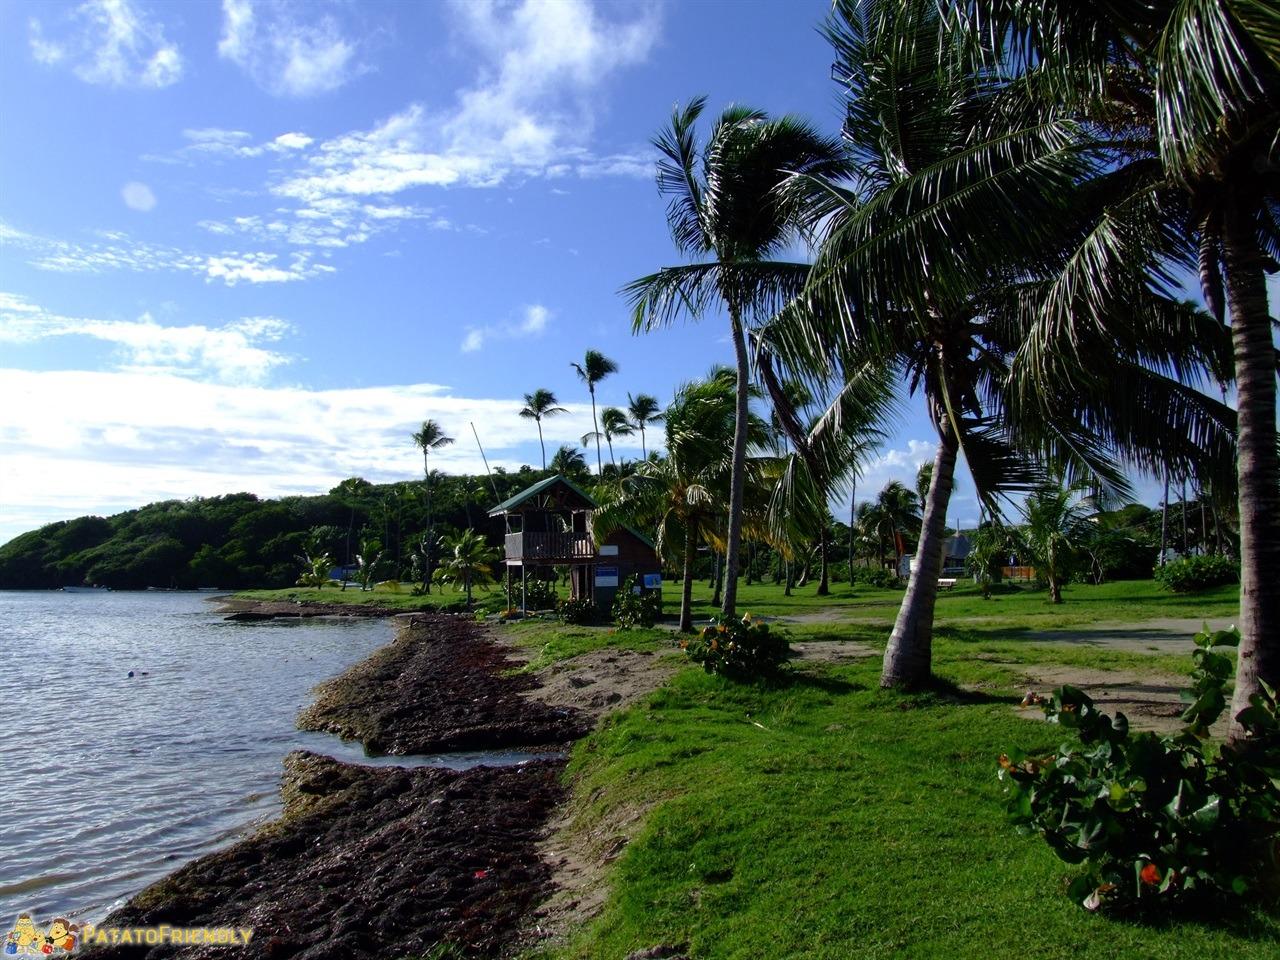 Le spiagge della Martinica - Baie du Vauclin